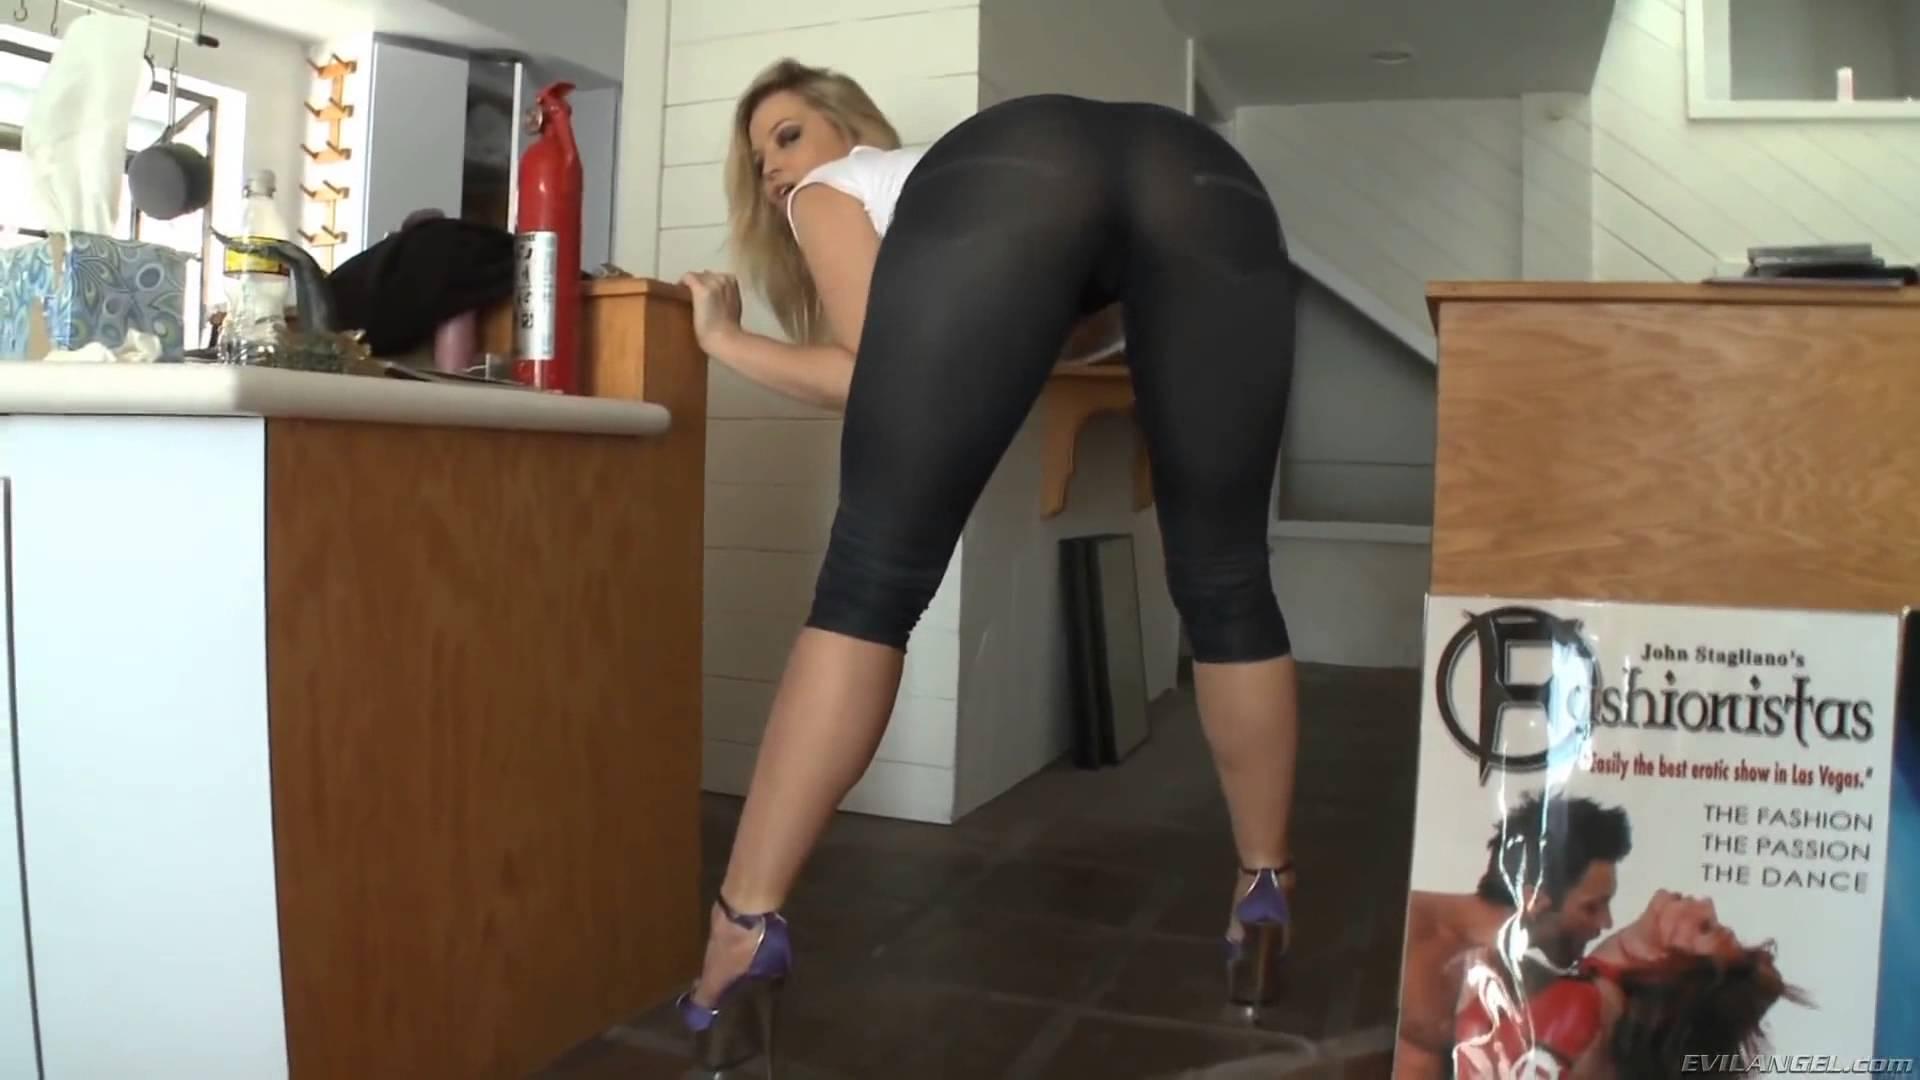 Διάσημη πορνοστάρ τρελάθηκε στην κάμερα και μας  χάρισε ένα … επικό (video)